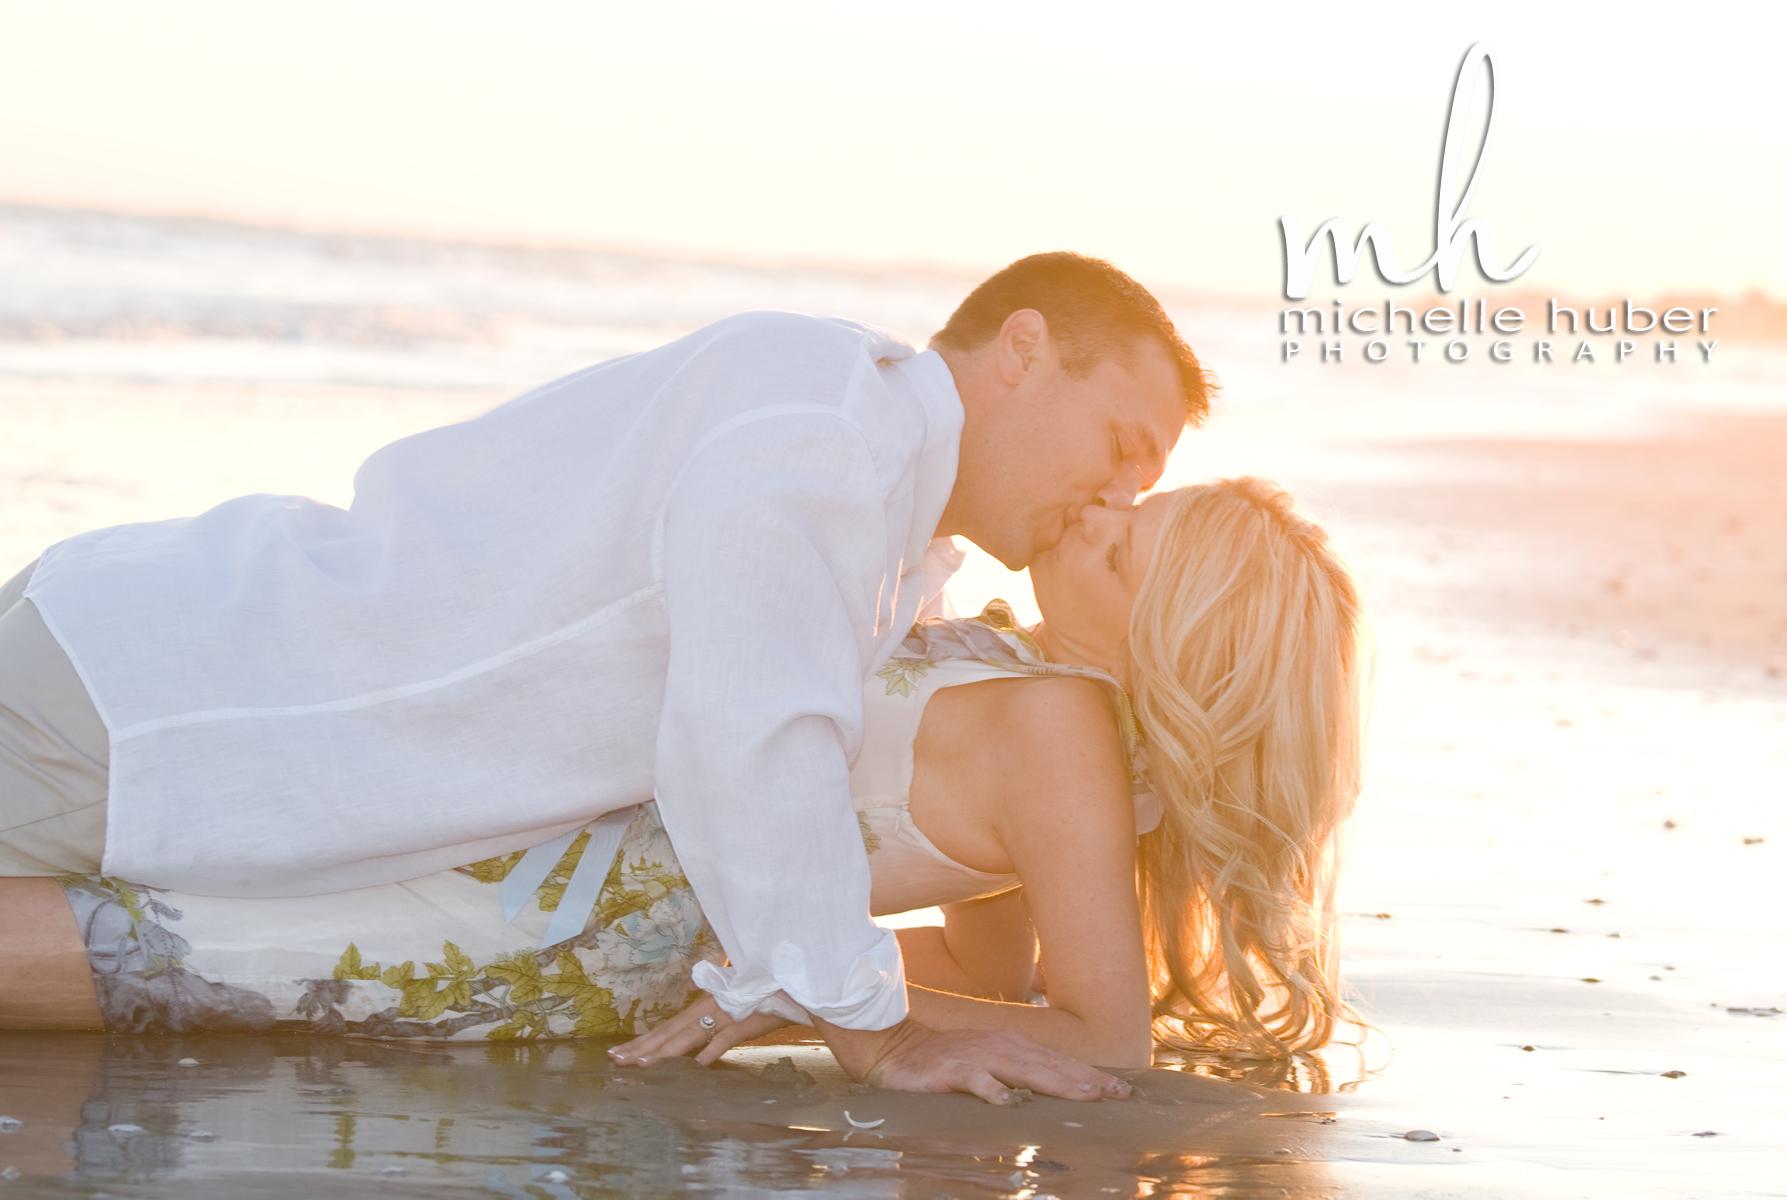 premiere destination wedding photographer michelle huber